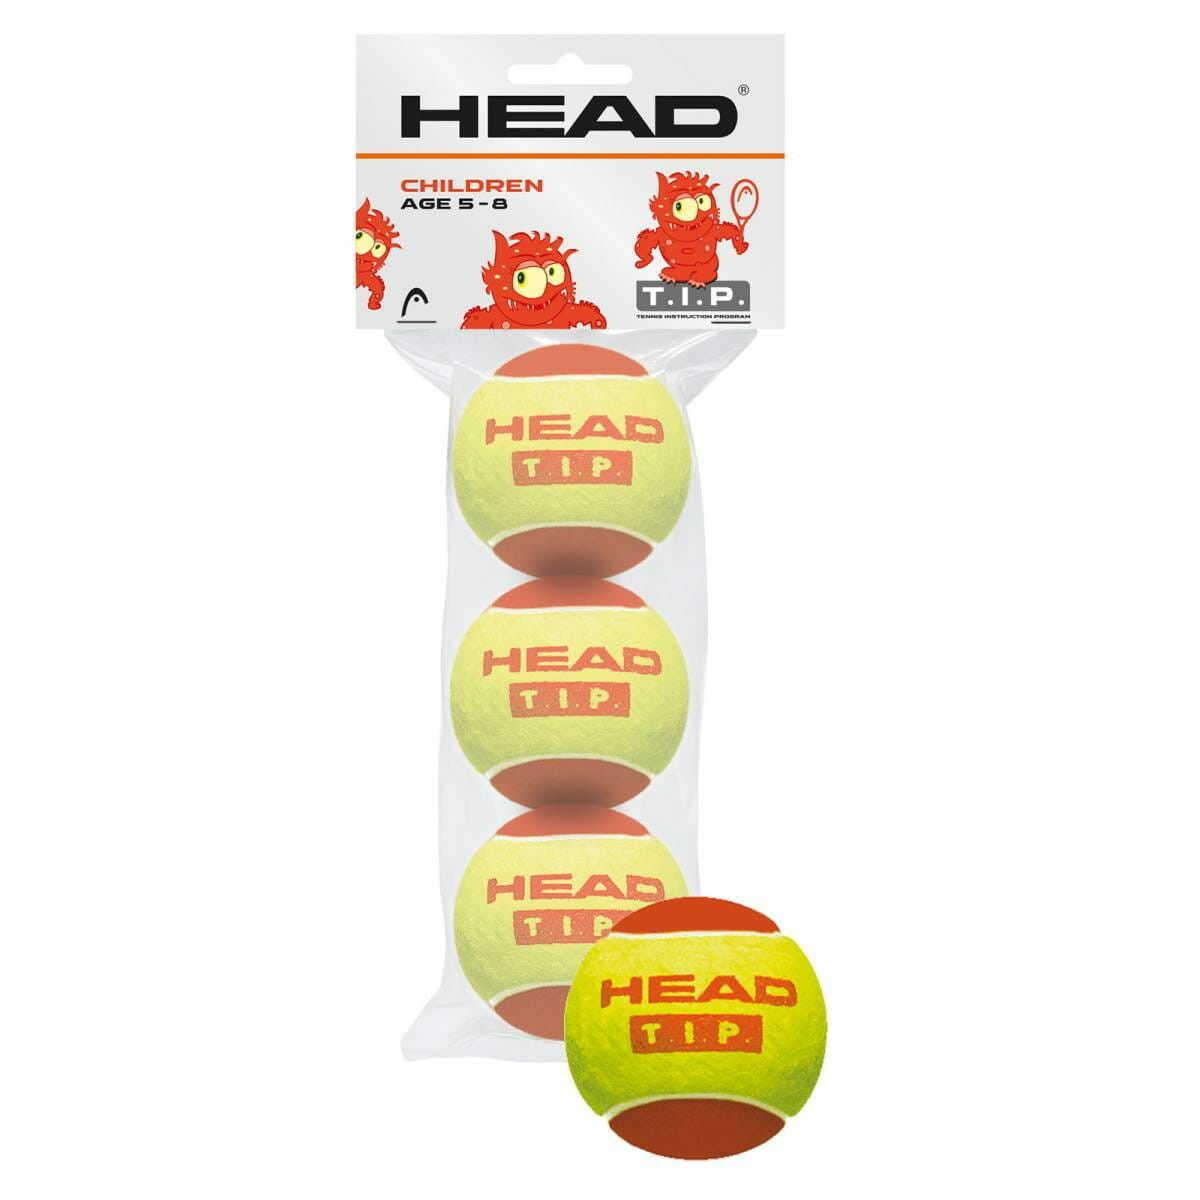 Head T.I.P. Red (3 szt.)